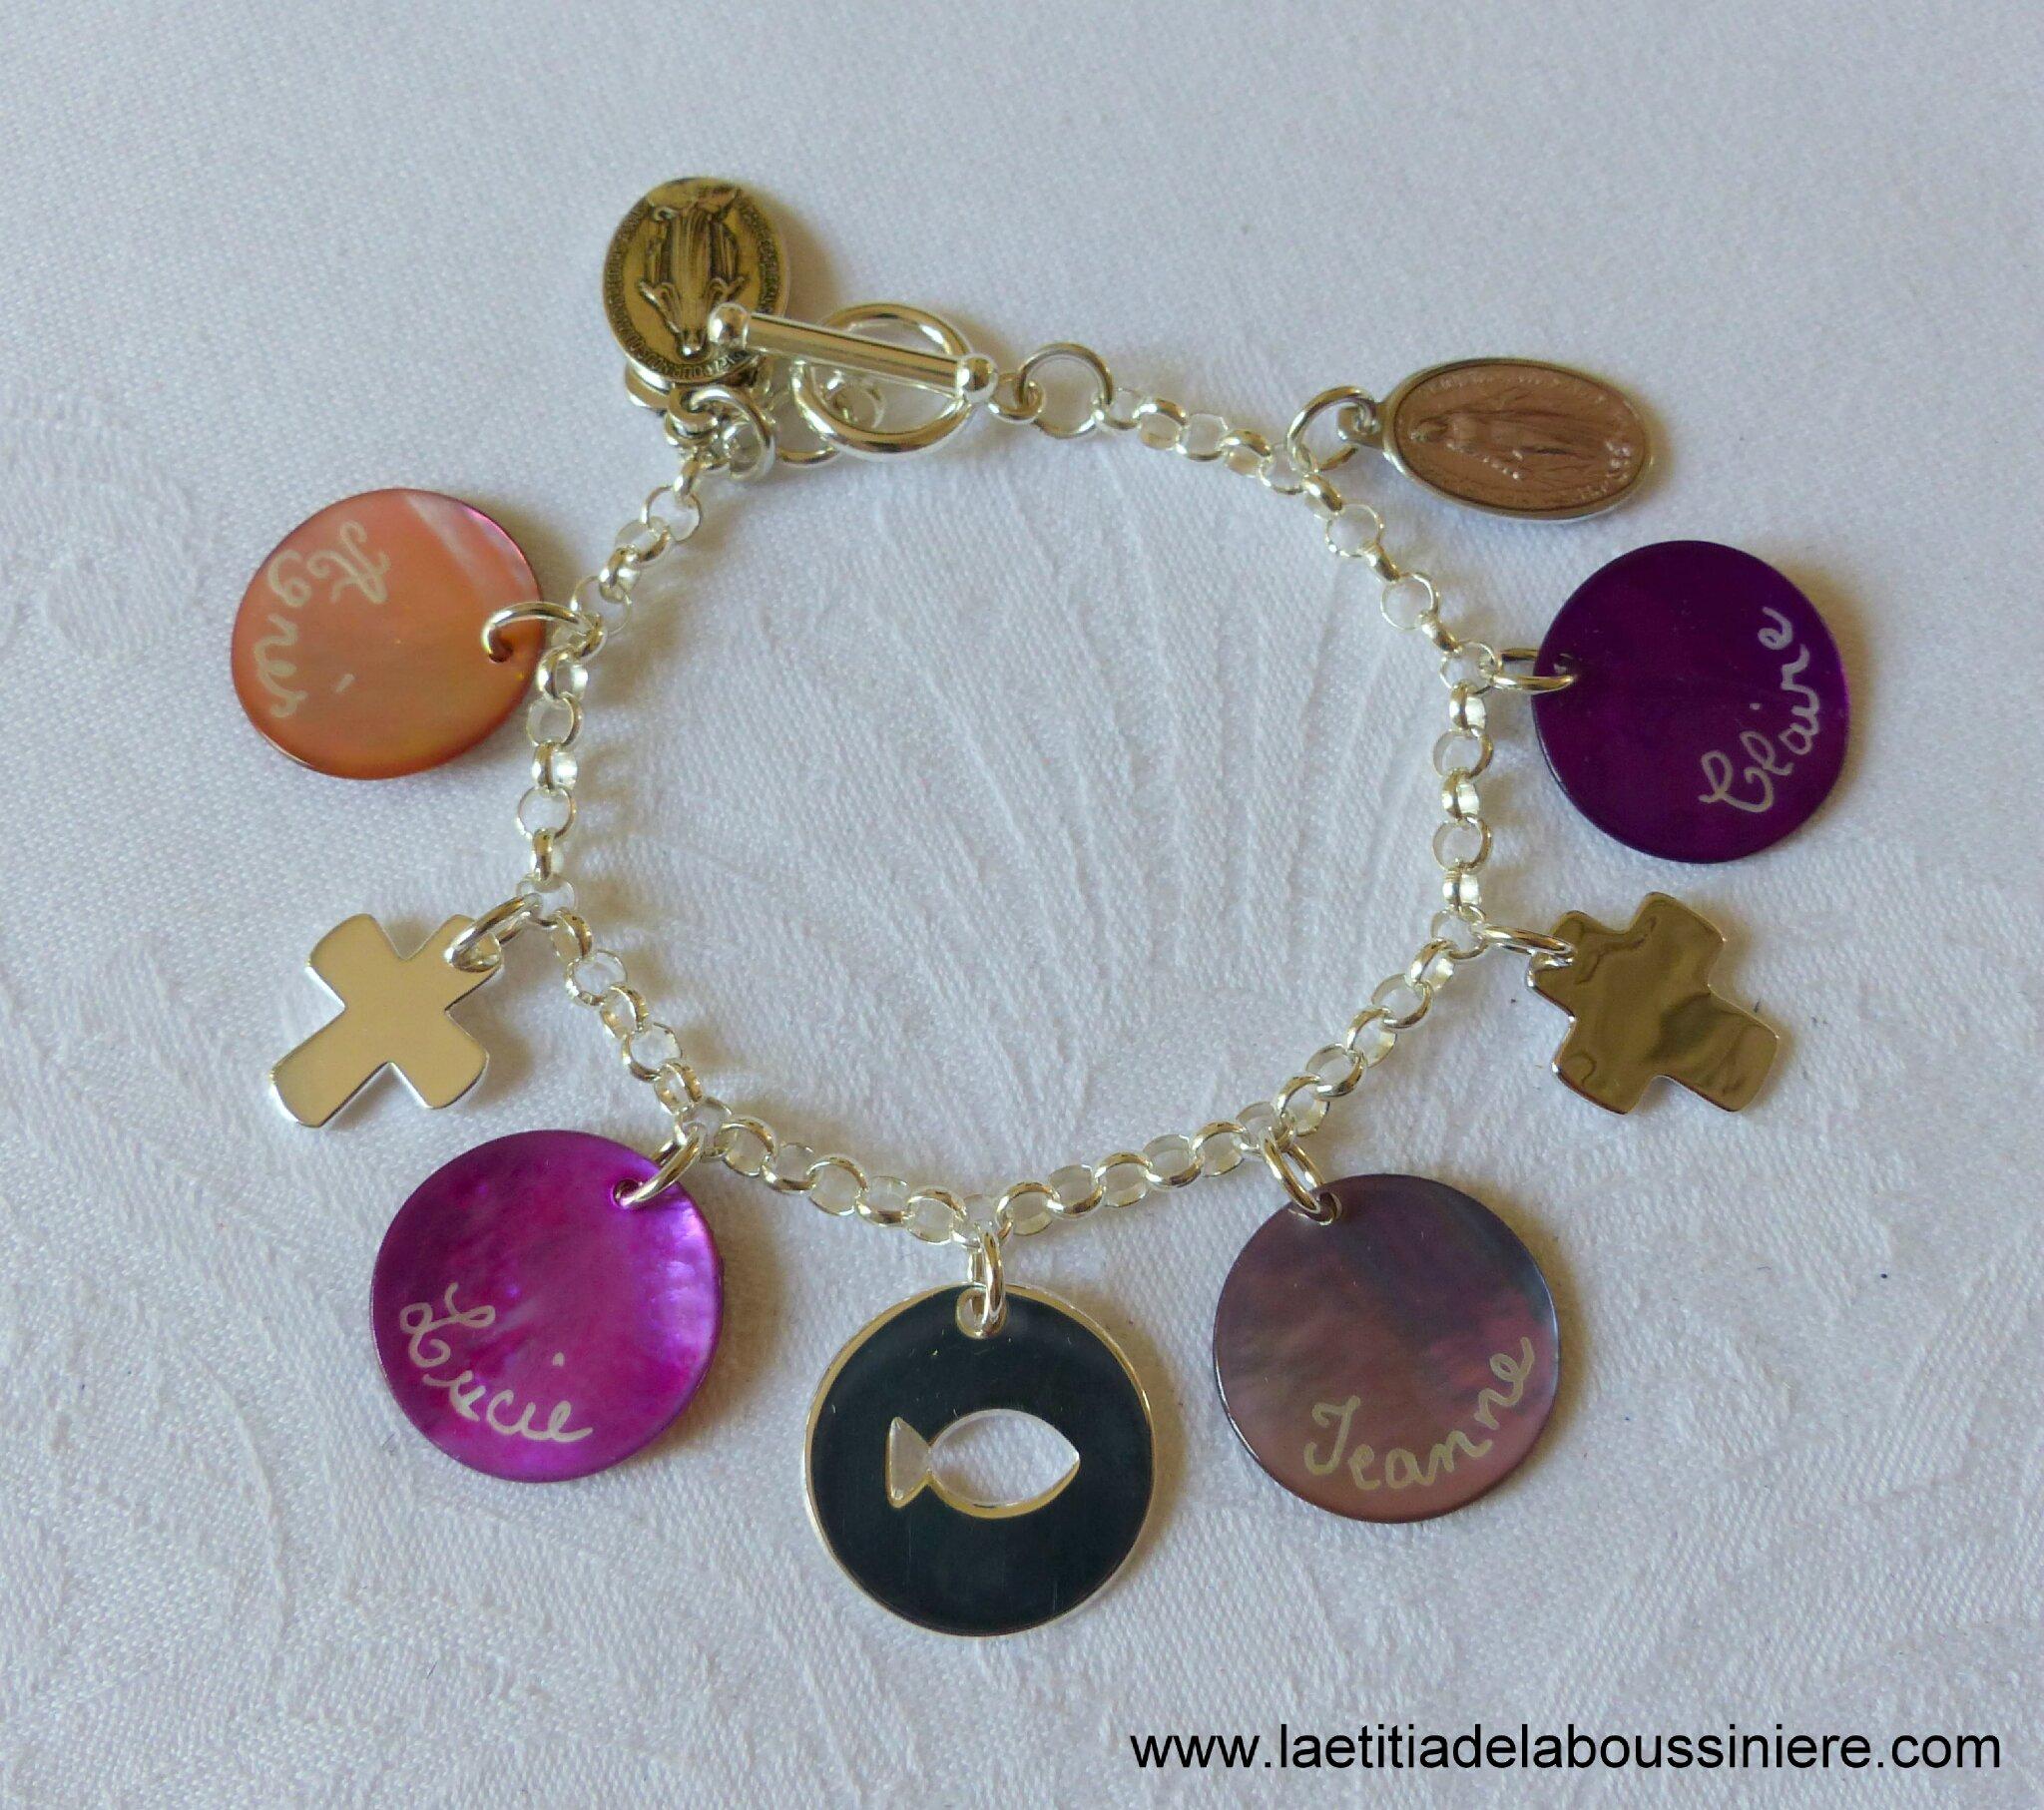 Bracelet personnalisé sur chaîne argent massif maille classique, médailles en nacre gravées et breloques